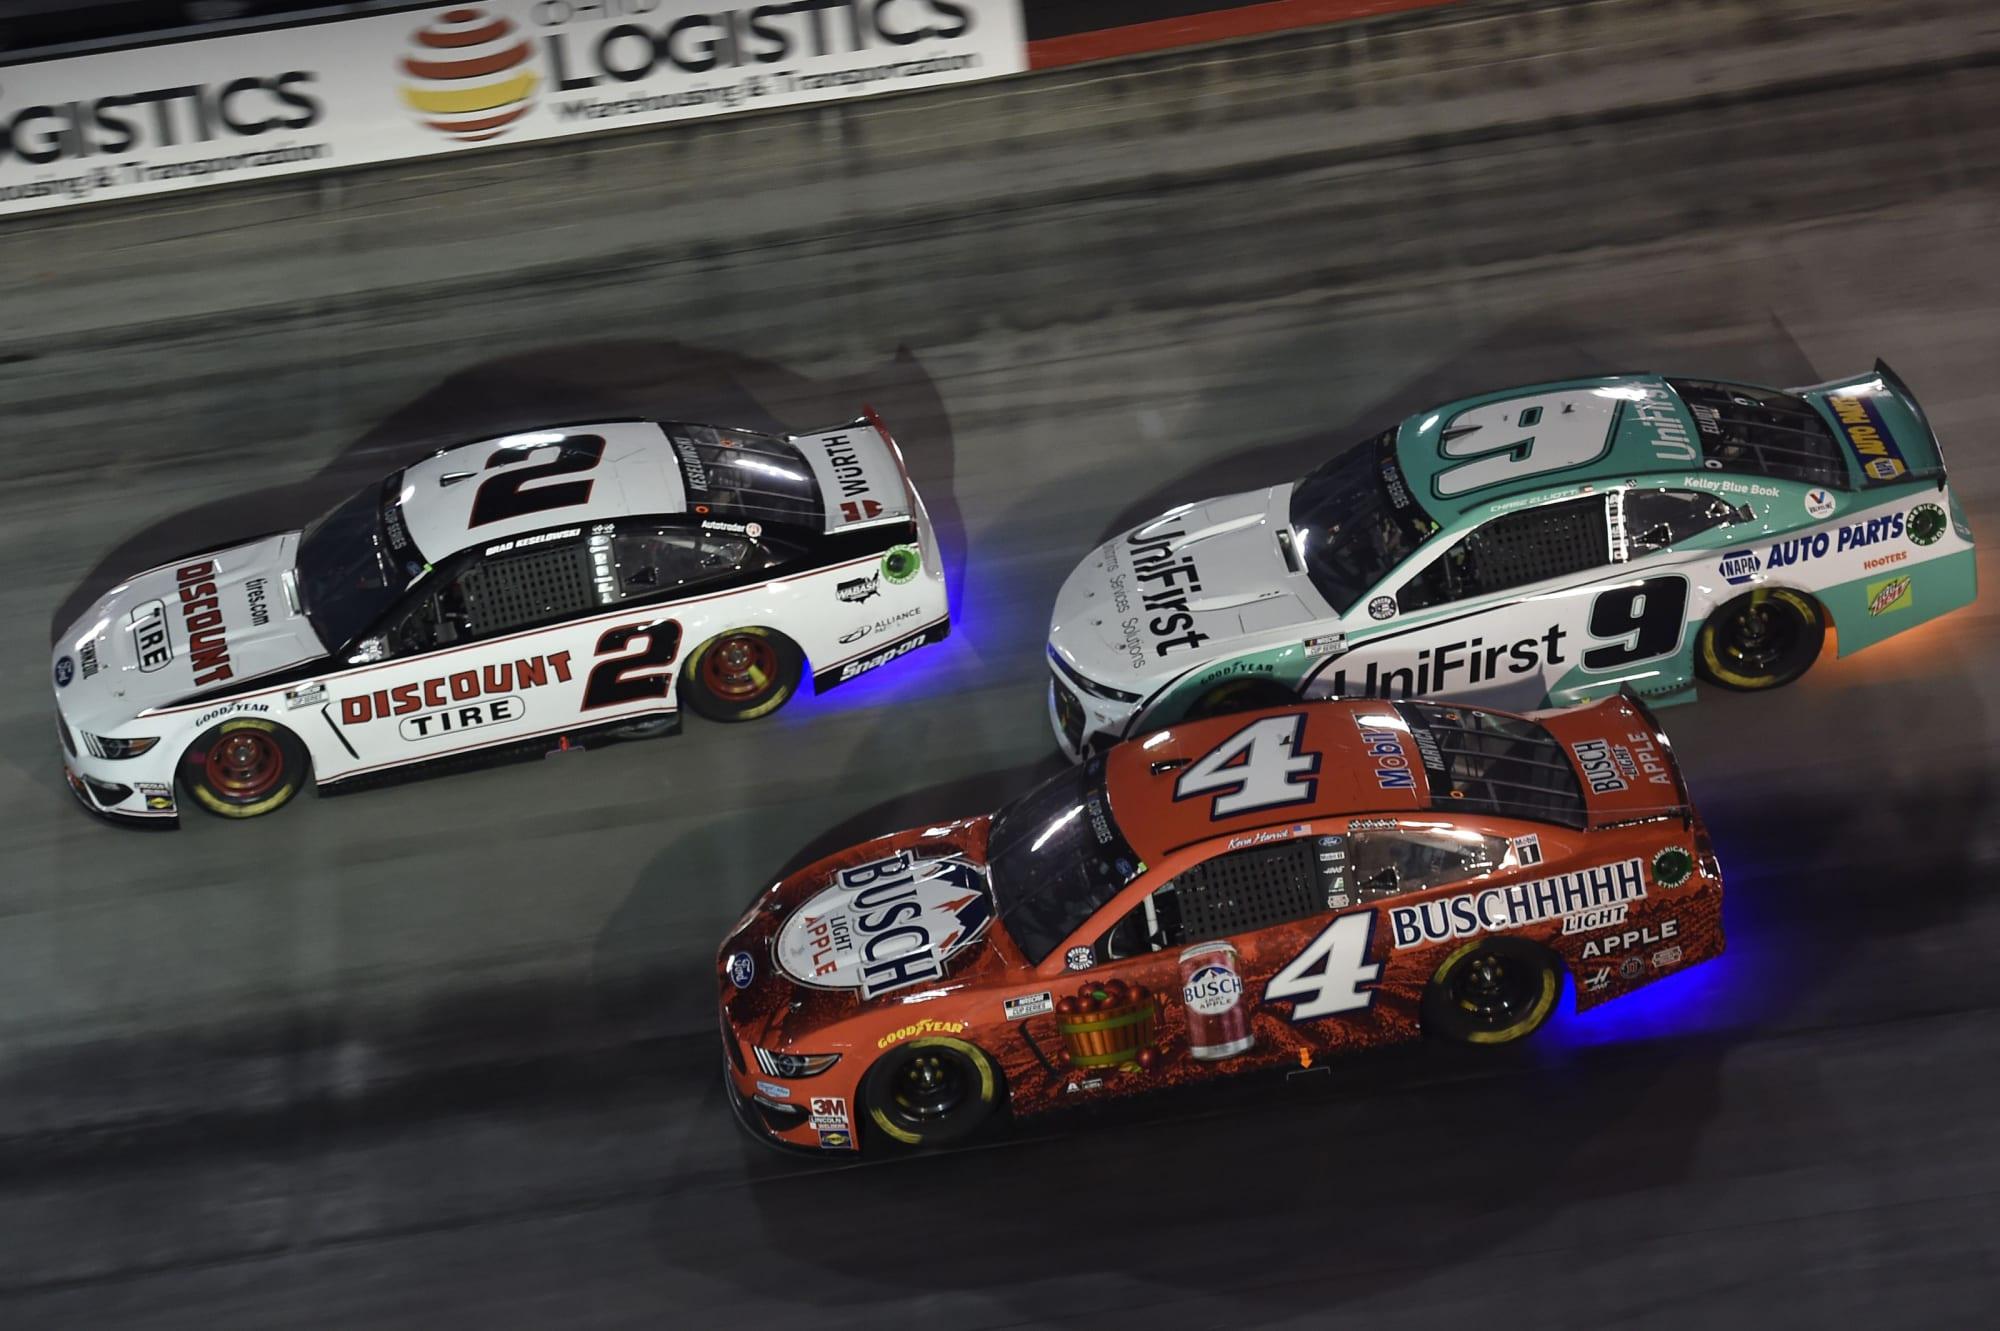 Itt vannak a Next Genek, a NASCAR azonban még nem döntött a legégetőbb kérdésről